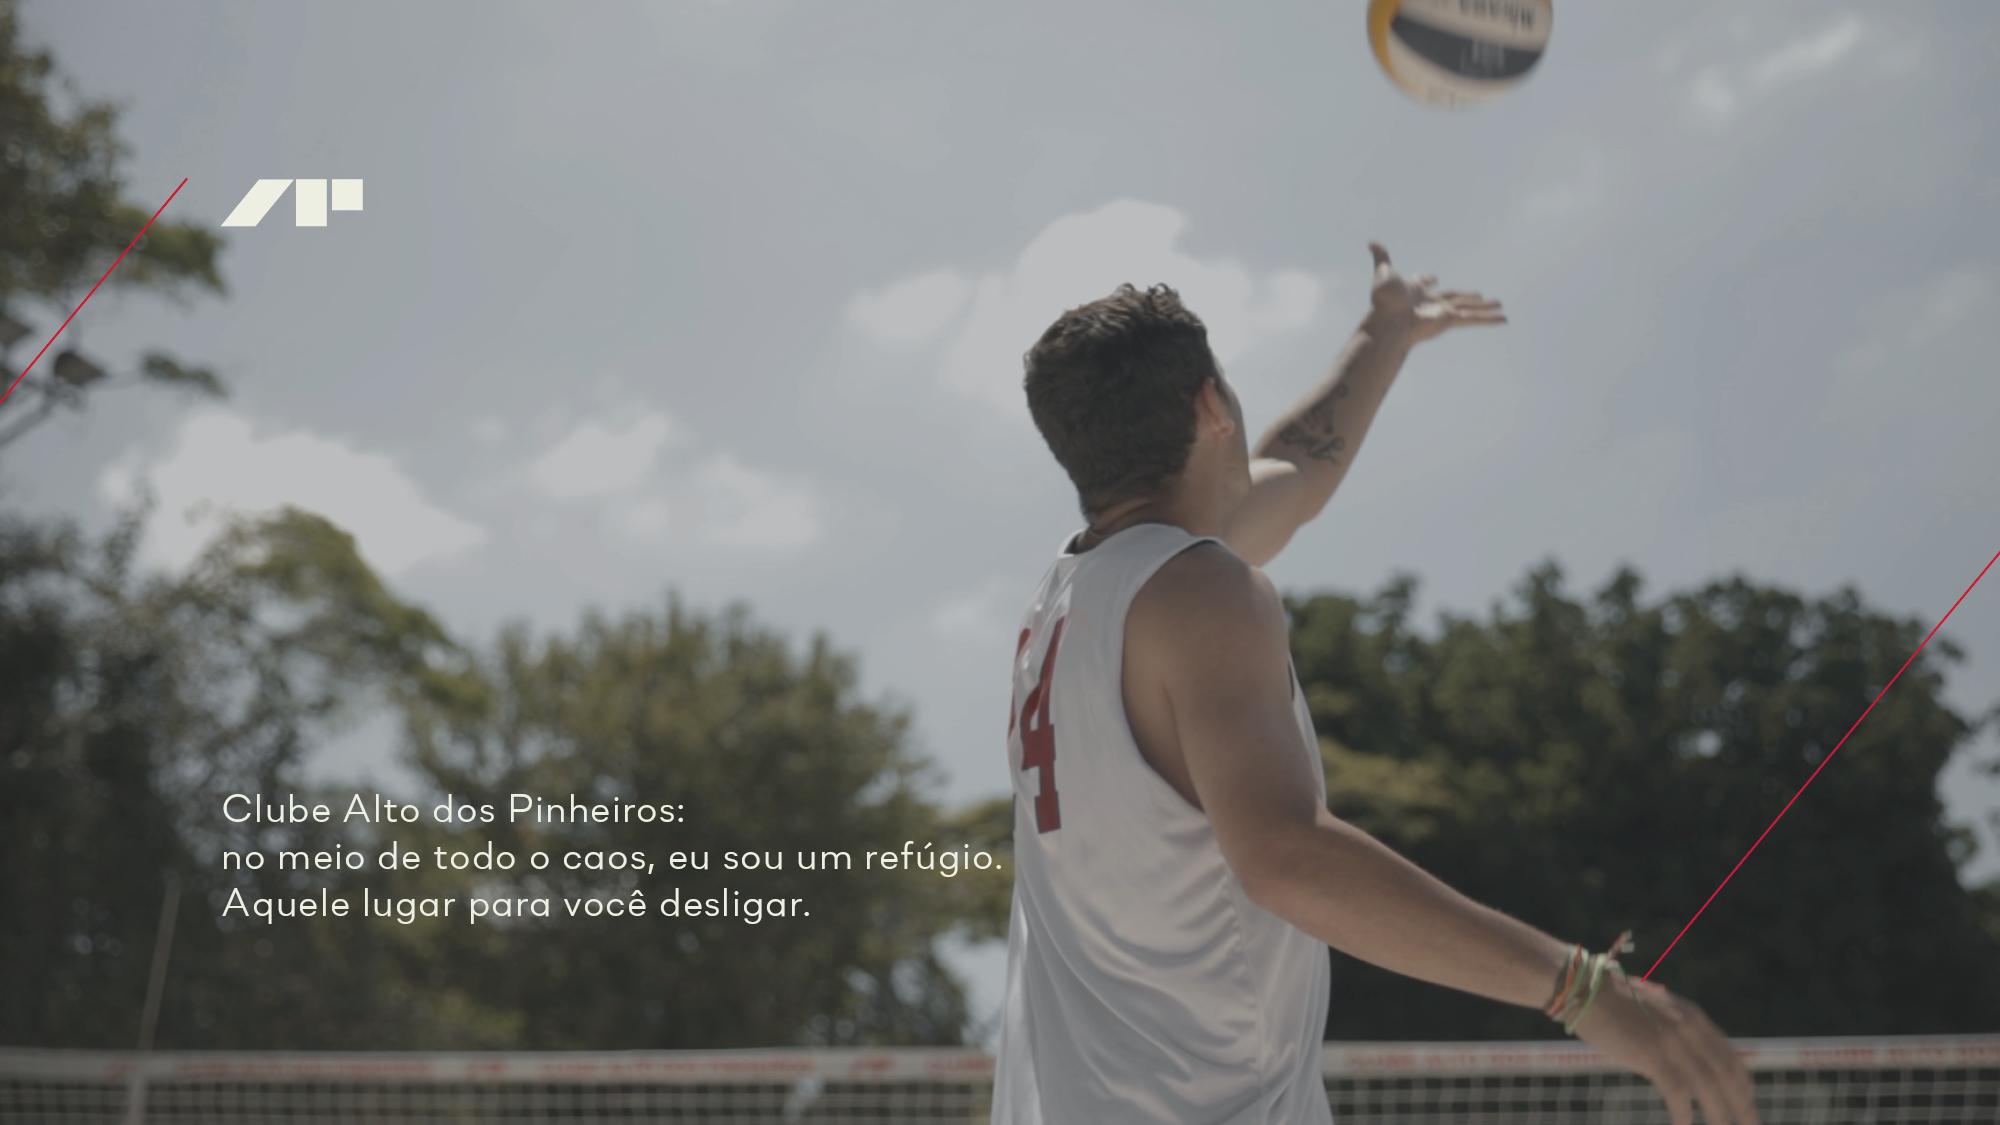 2020-Nacione-Branding-Clube-Alto-dos-Pinheiros5